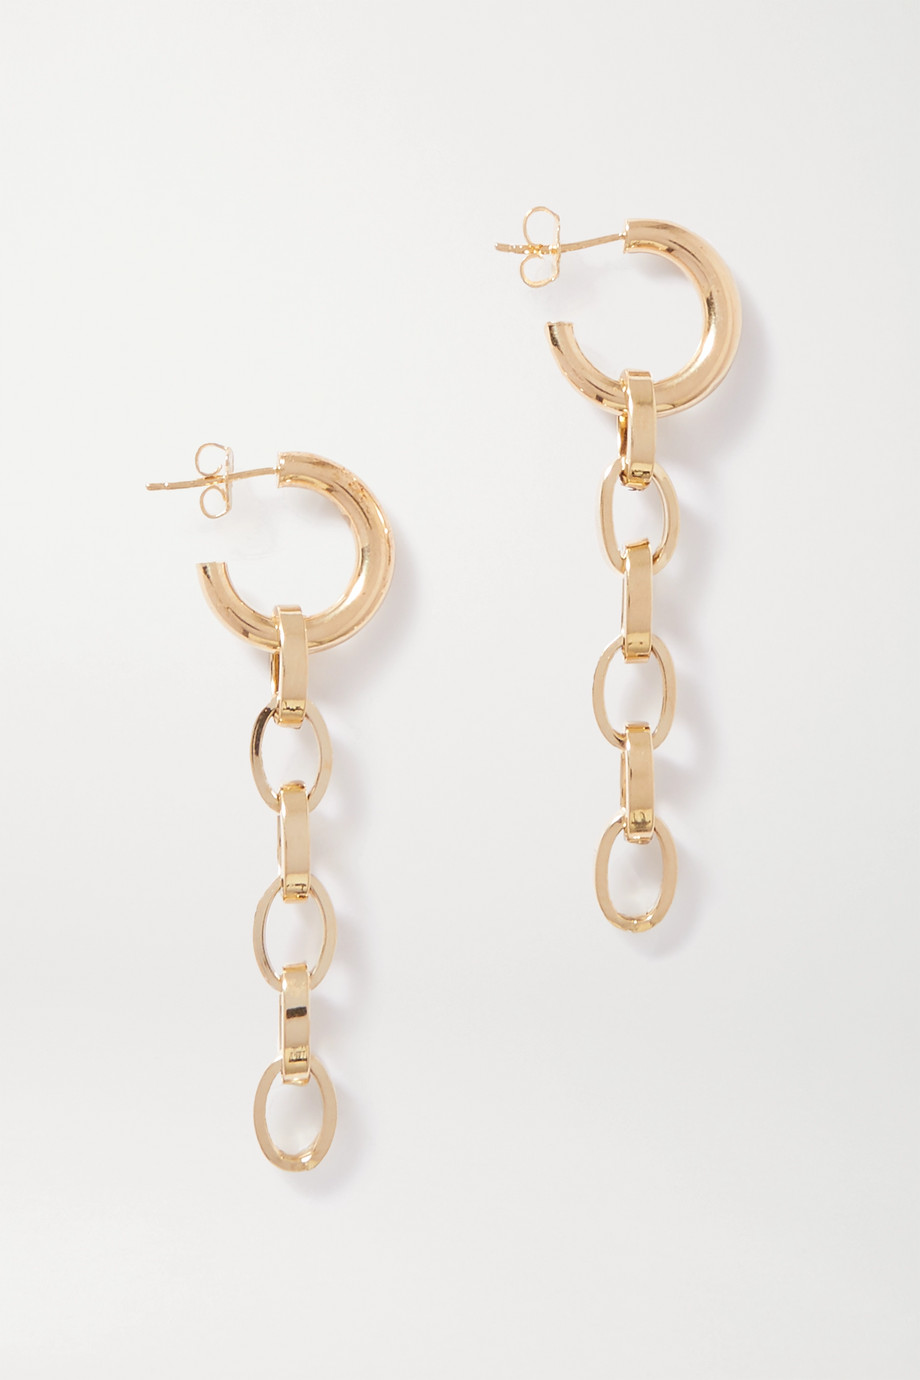 Loren Stewart Gold earrings